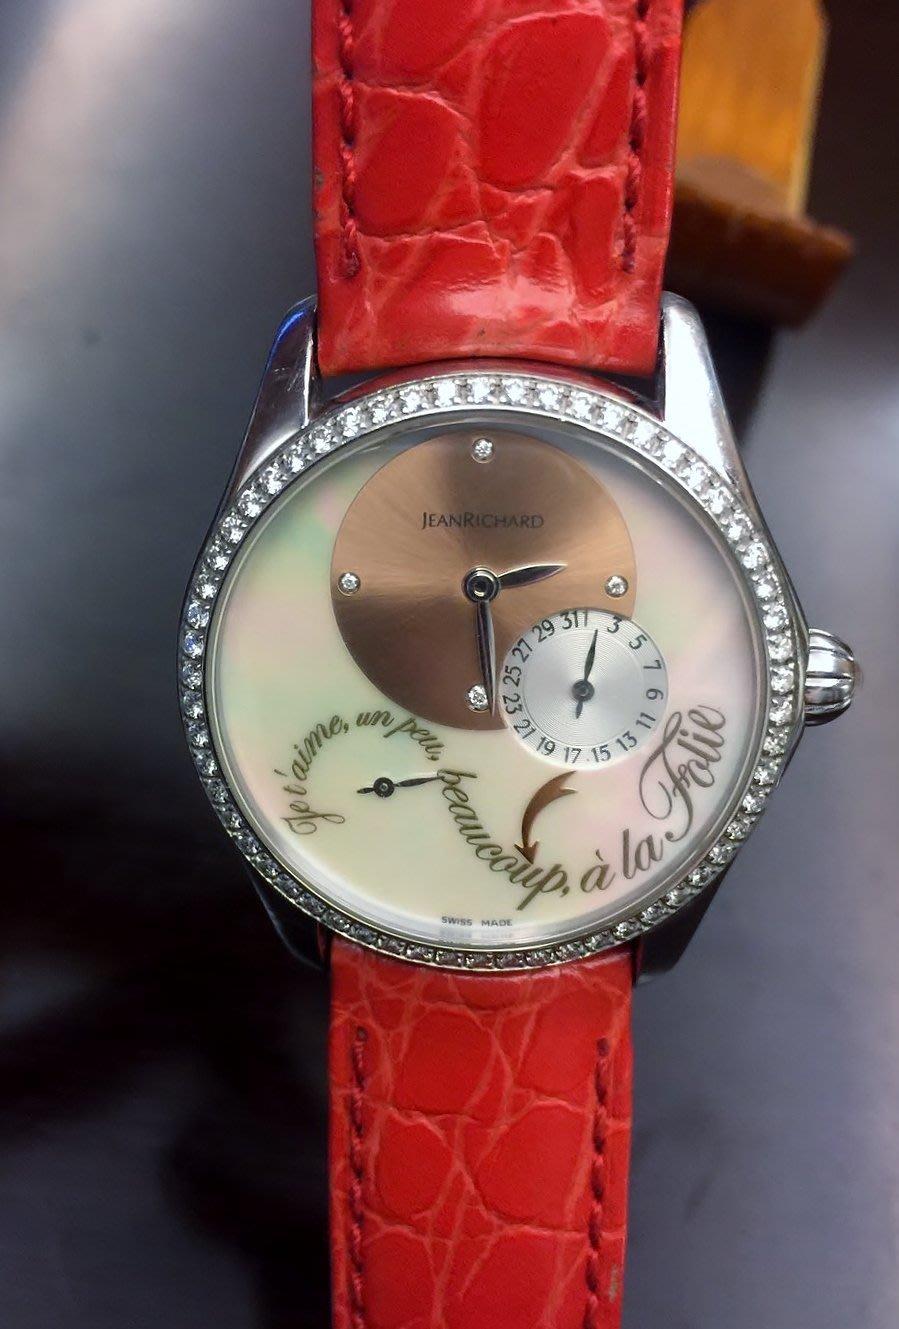 尚維沙女鑽錶新品價約38萬JEANRICHARD BRESSEL Lady ,流當特價出清,有店面有保障 W-025